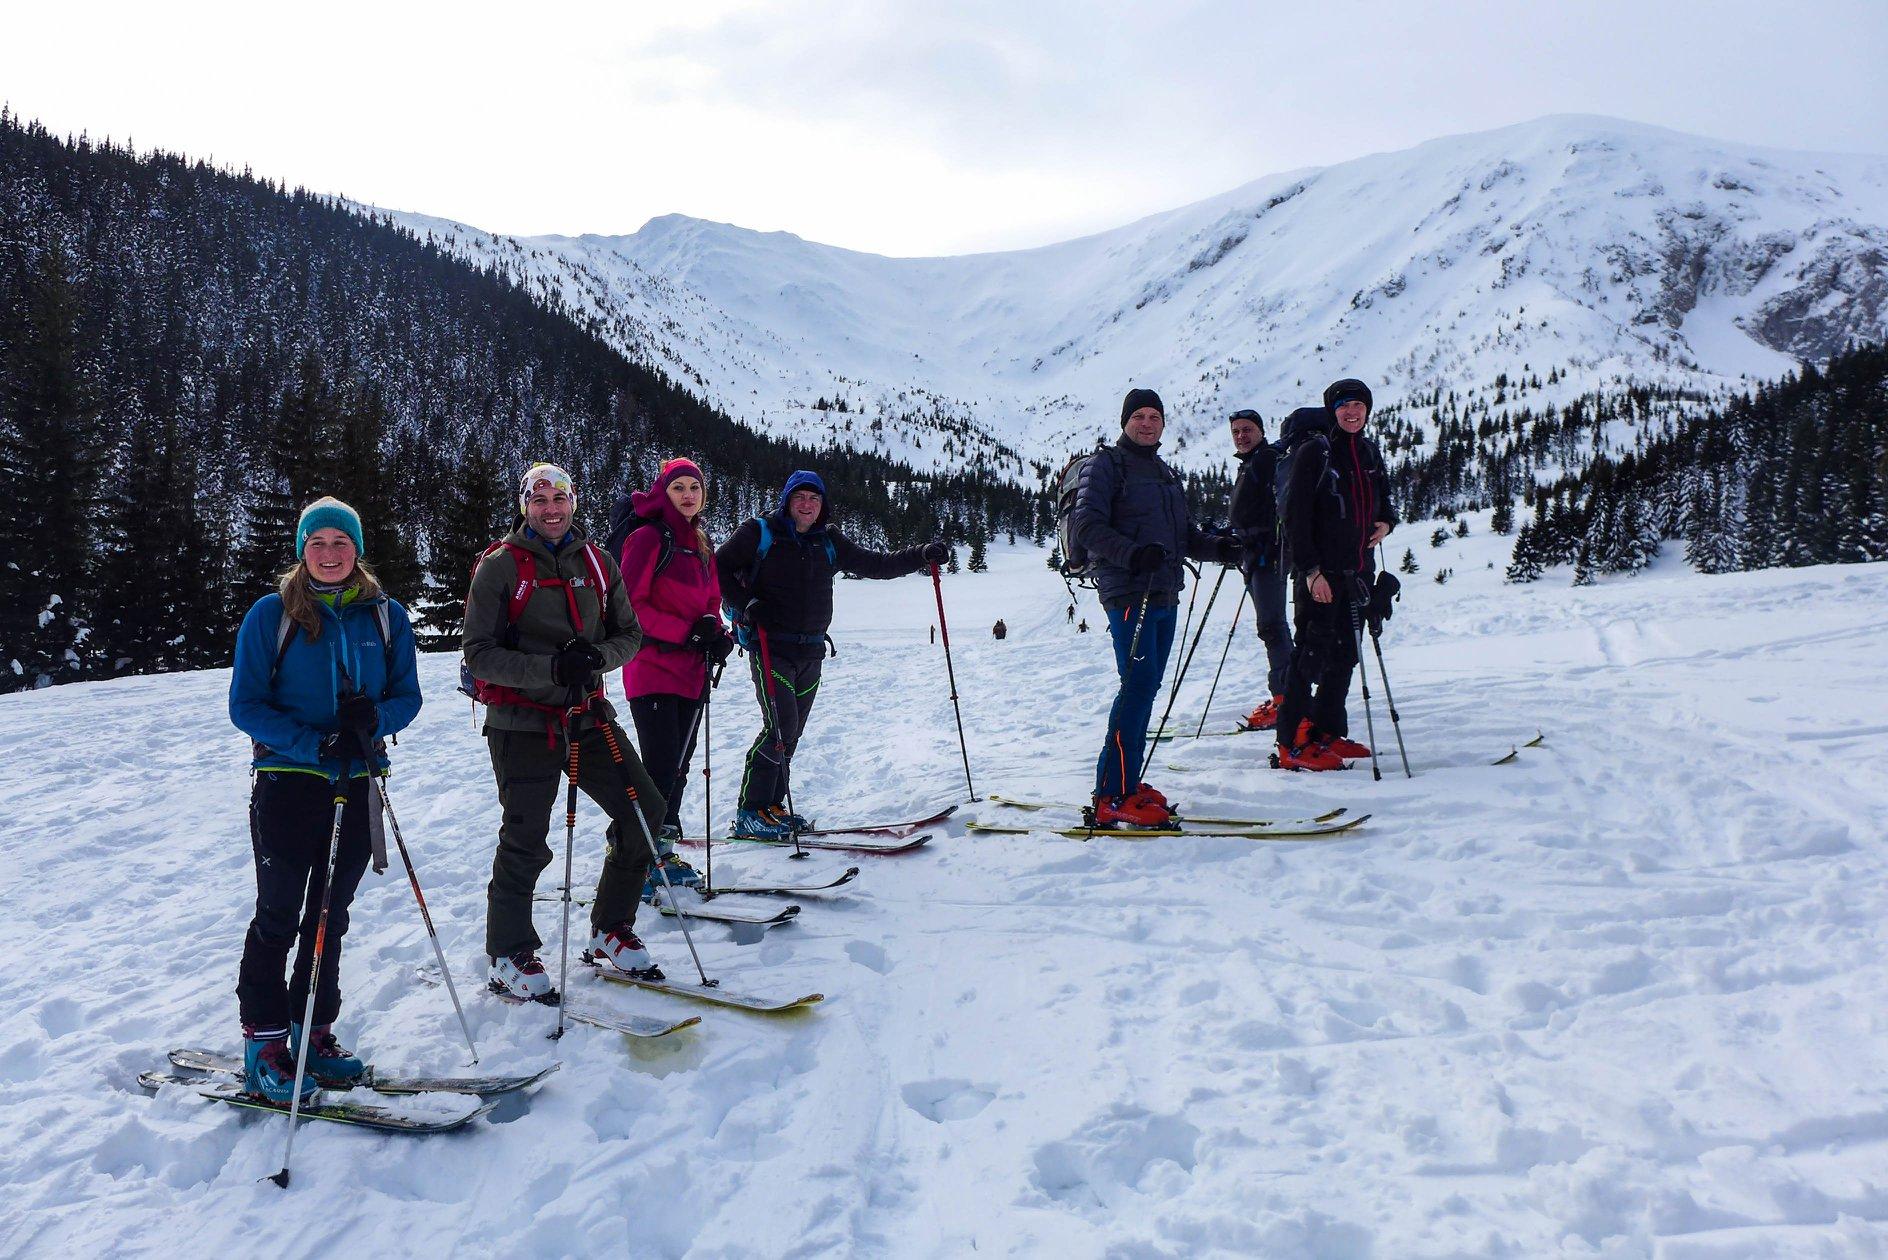 W drodze na Przełęcz pod Kopą Kondracką - Fot. Ania Figura - ski-alpinizm.pl